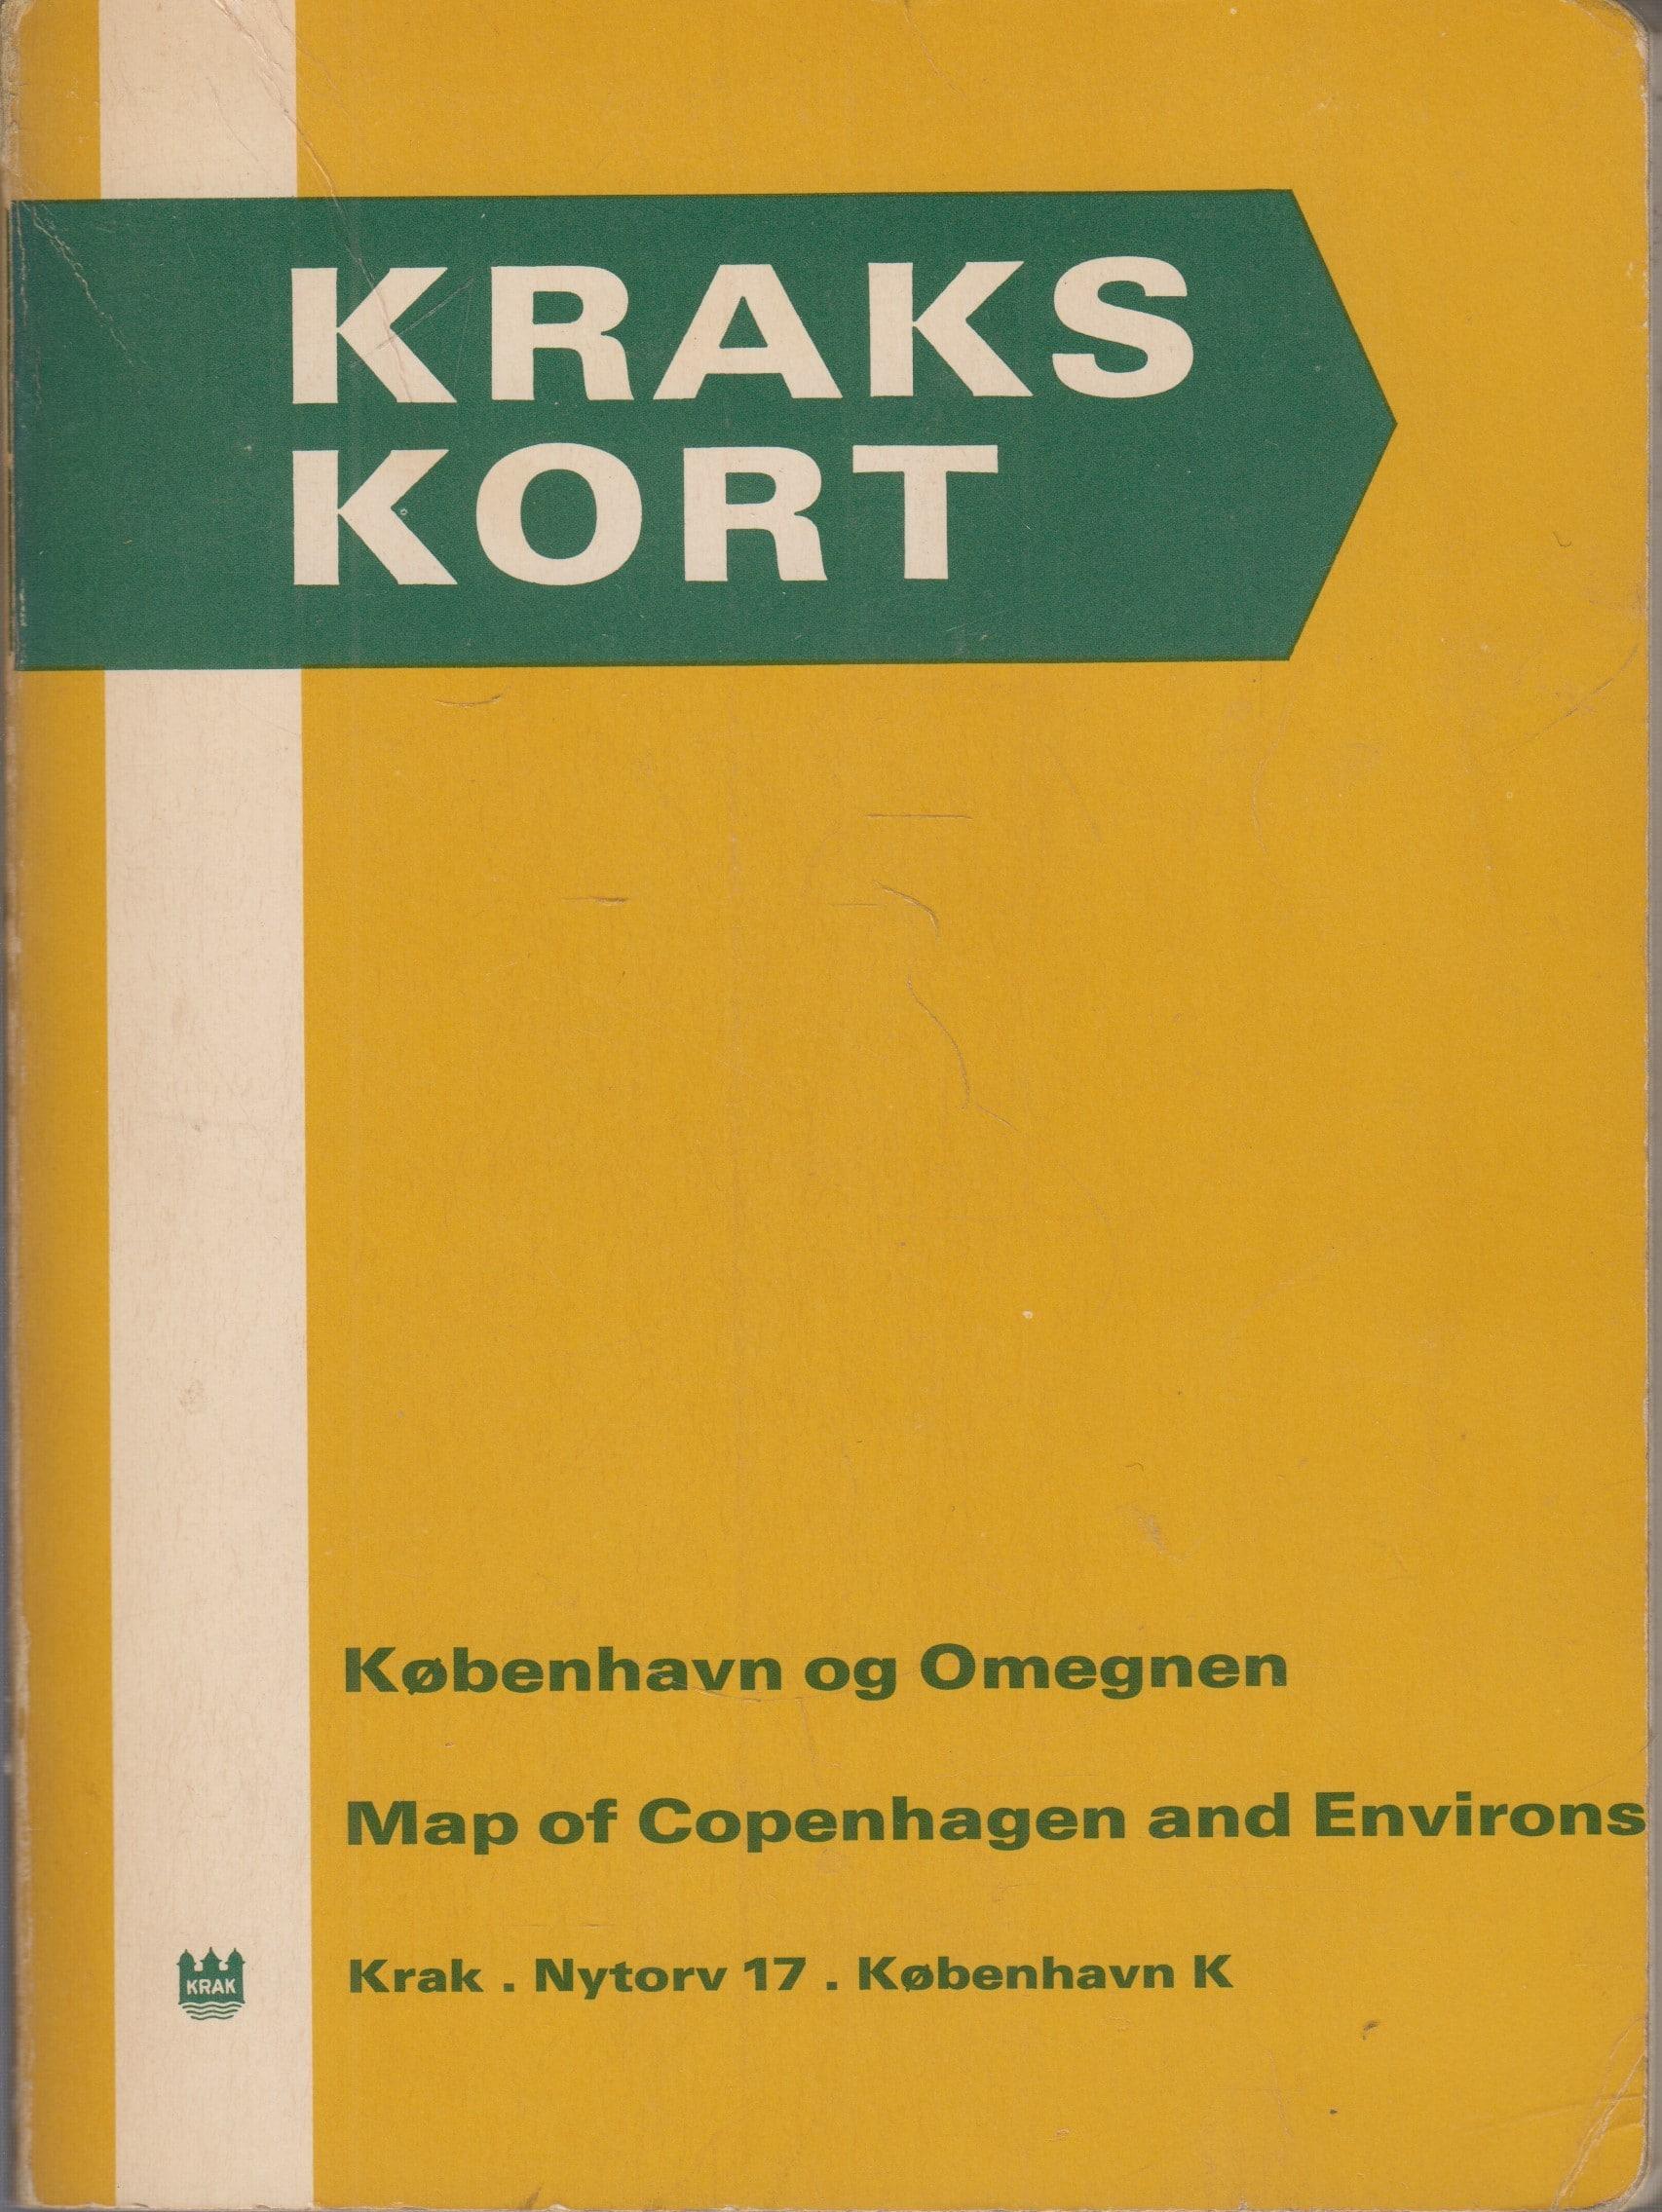 Få Kraks kort - København og Omegnen/Map of Copenhagen and